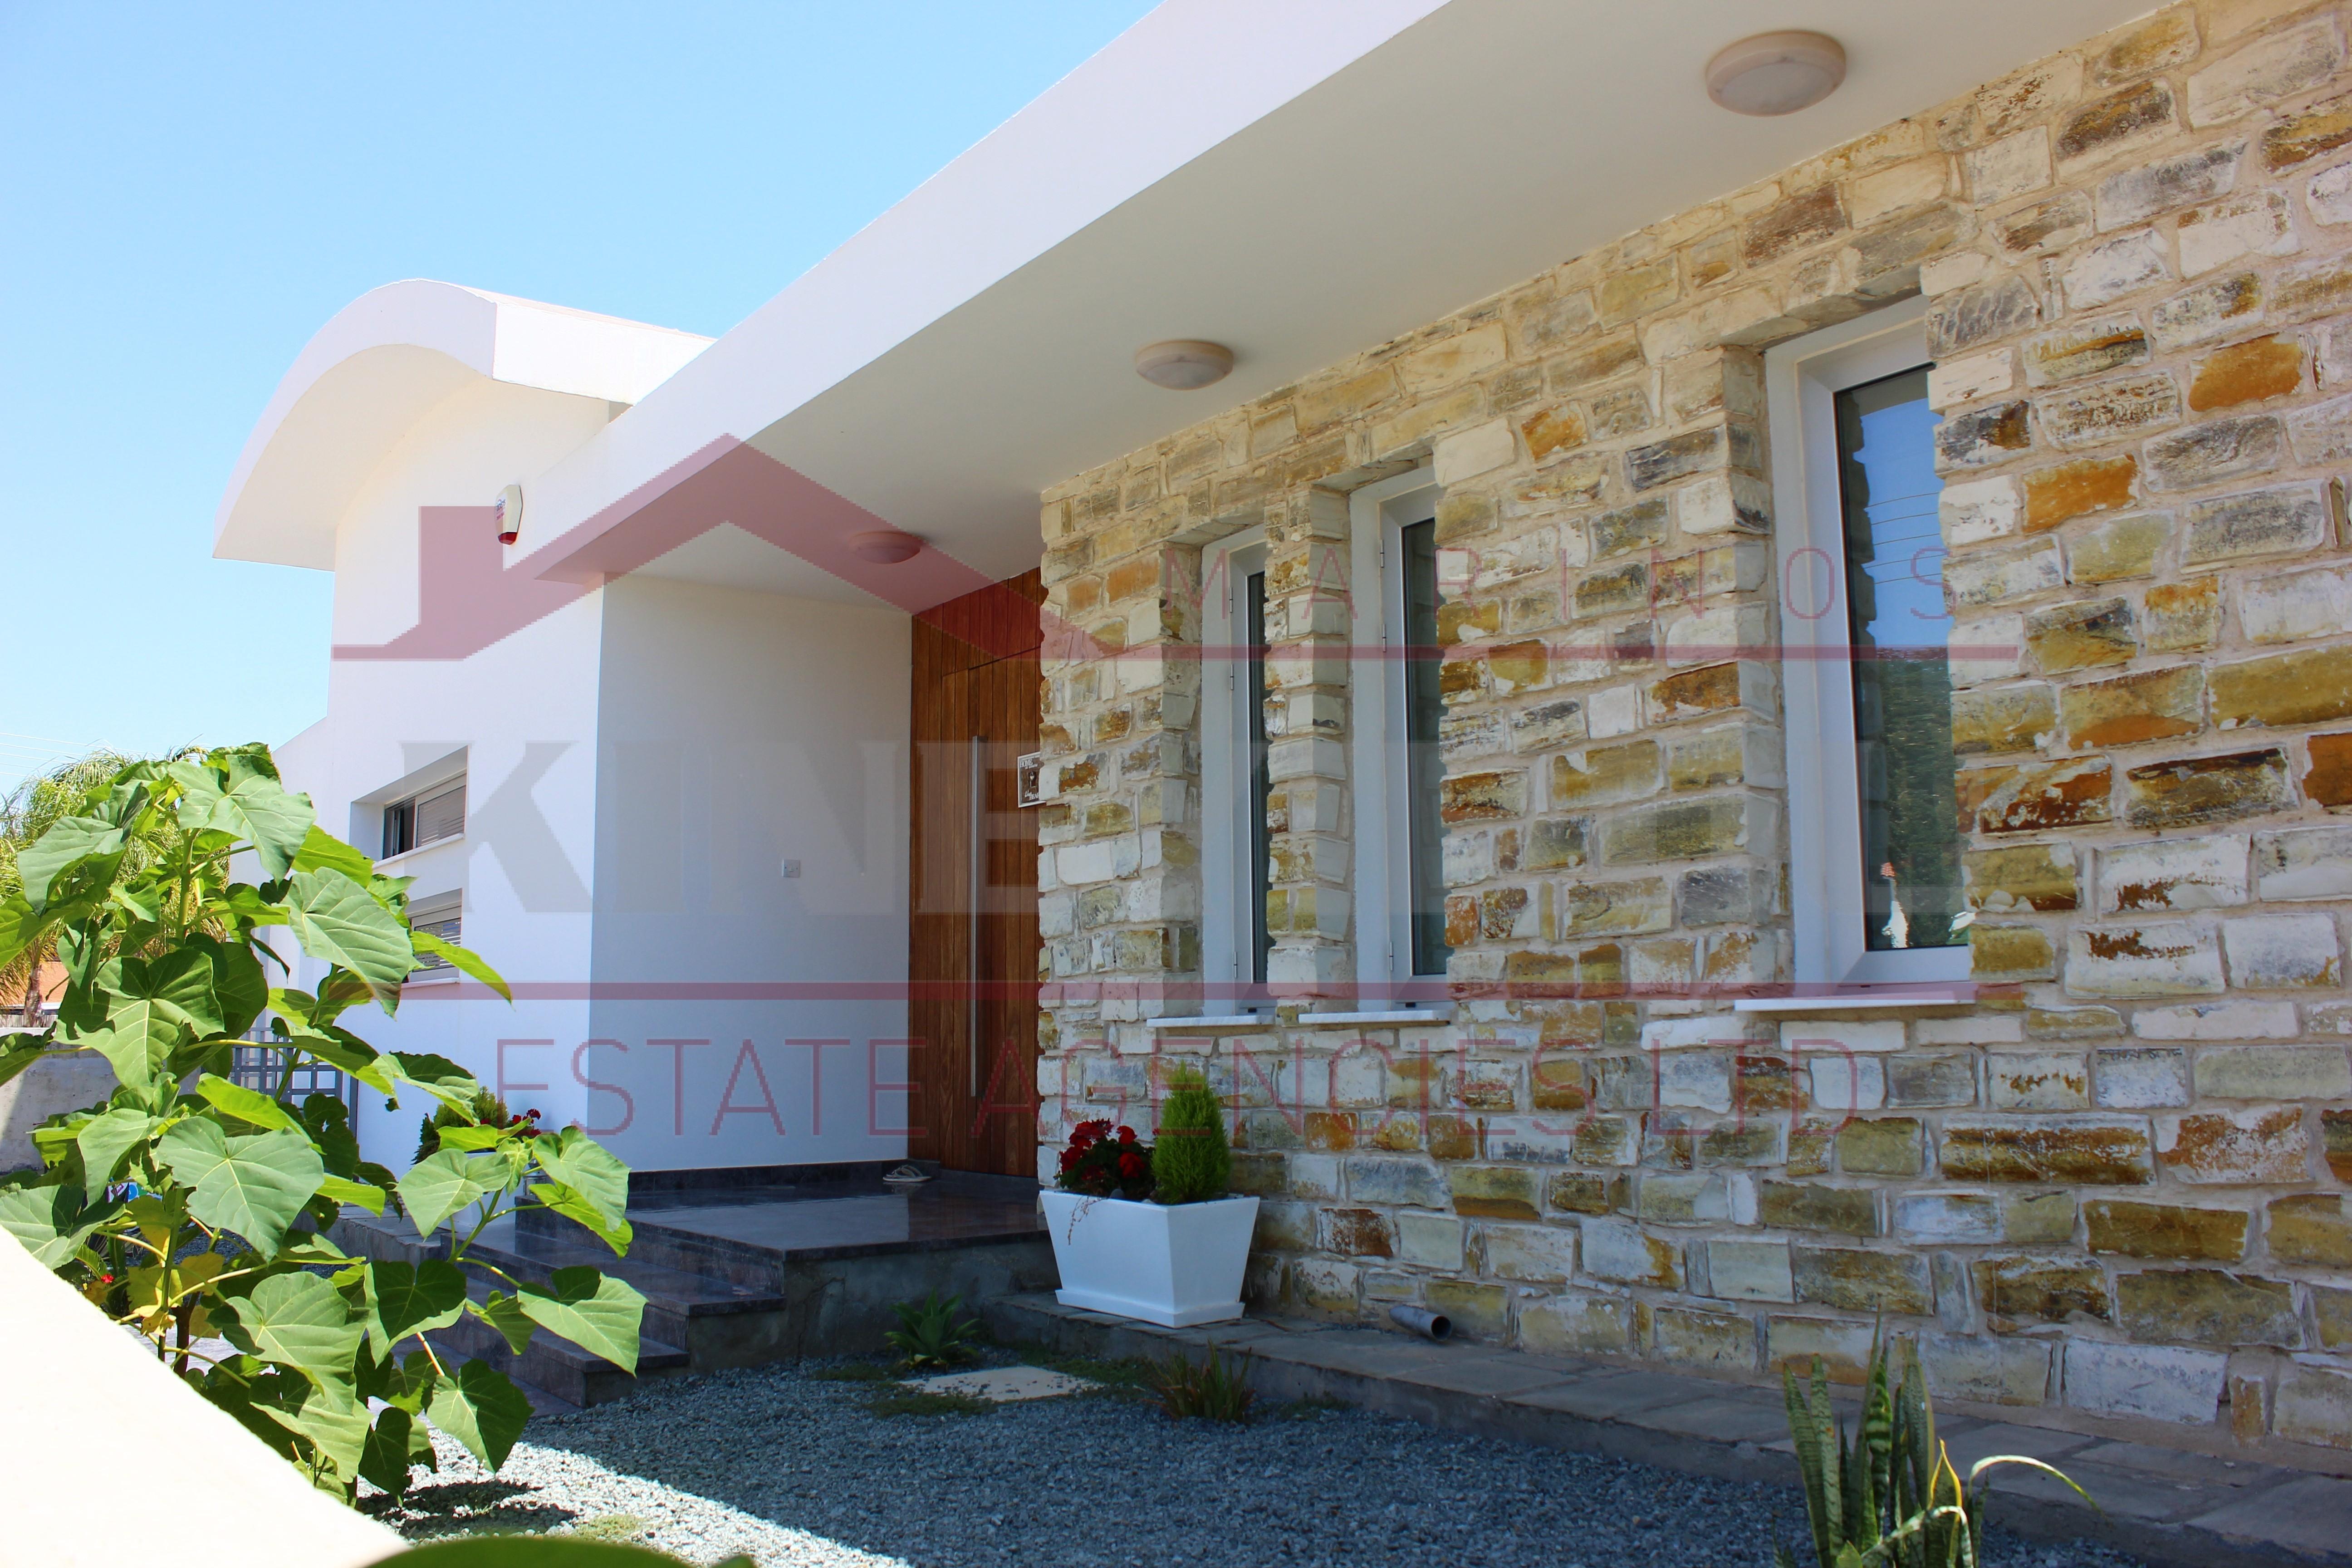 For Sale House In Oroklini, Larnaca